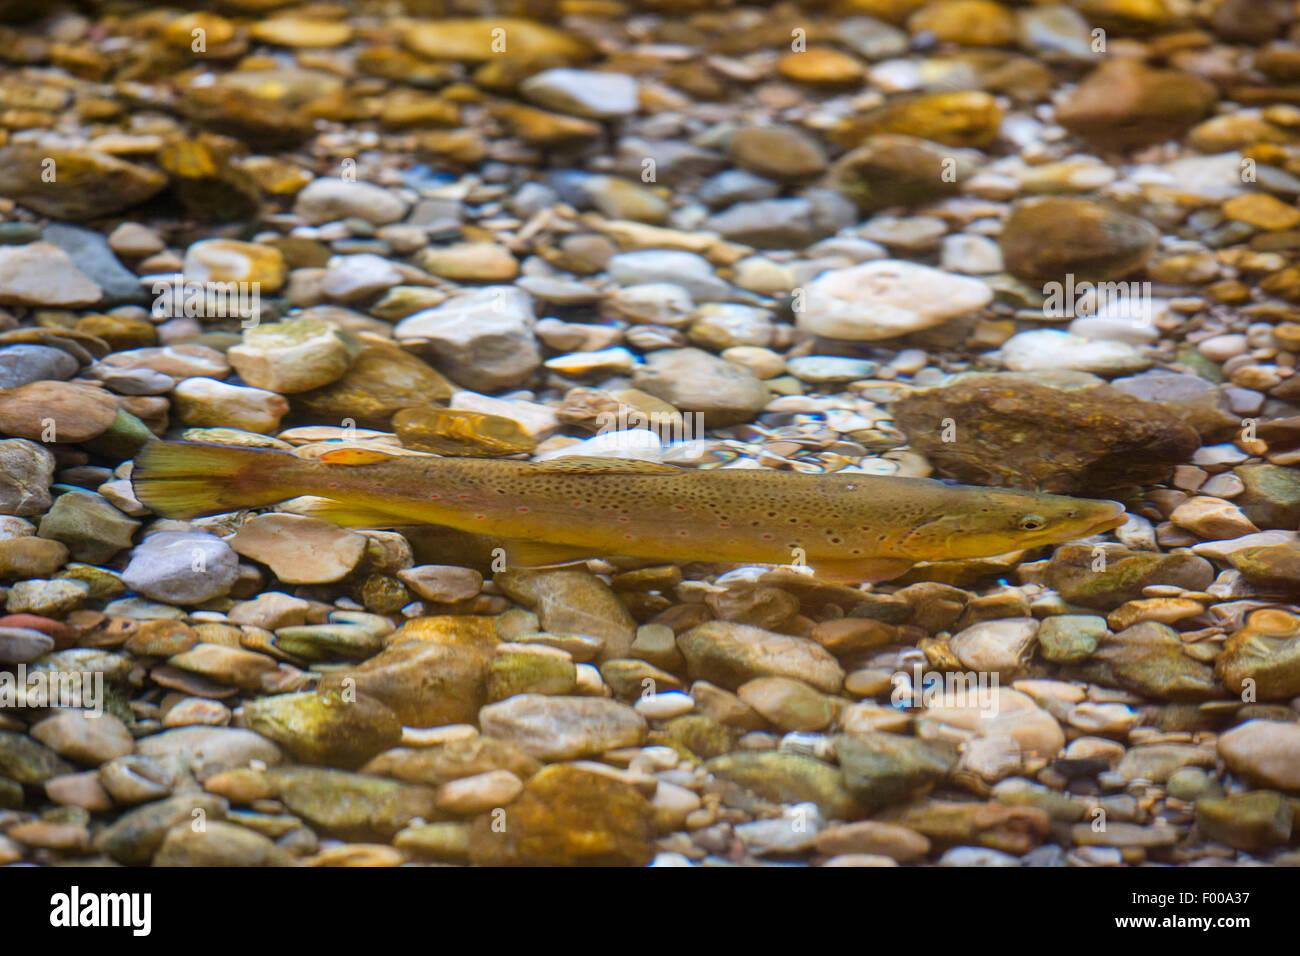 La trucha marrón, la trucha de arroyo, la trucha de río (Salmo trutta fario), macho en la migración de peces, Alemania, Foto de stock